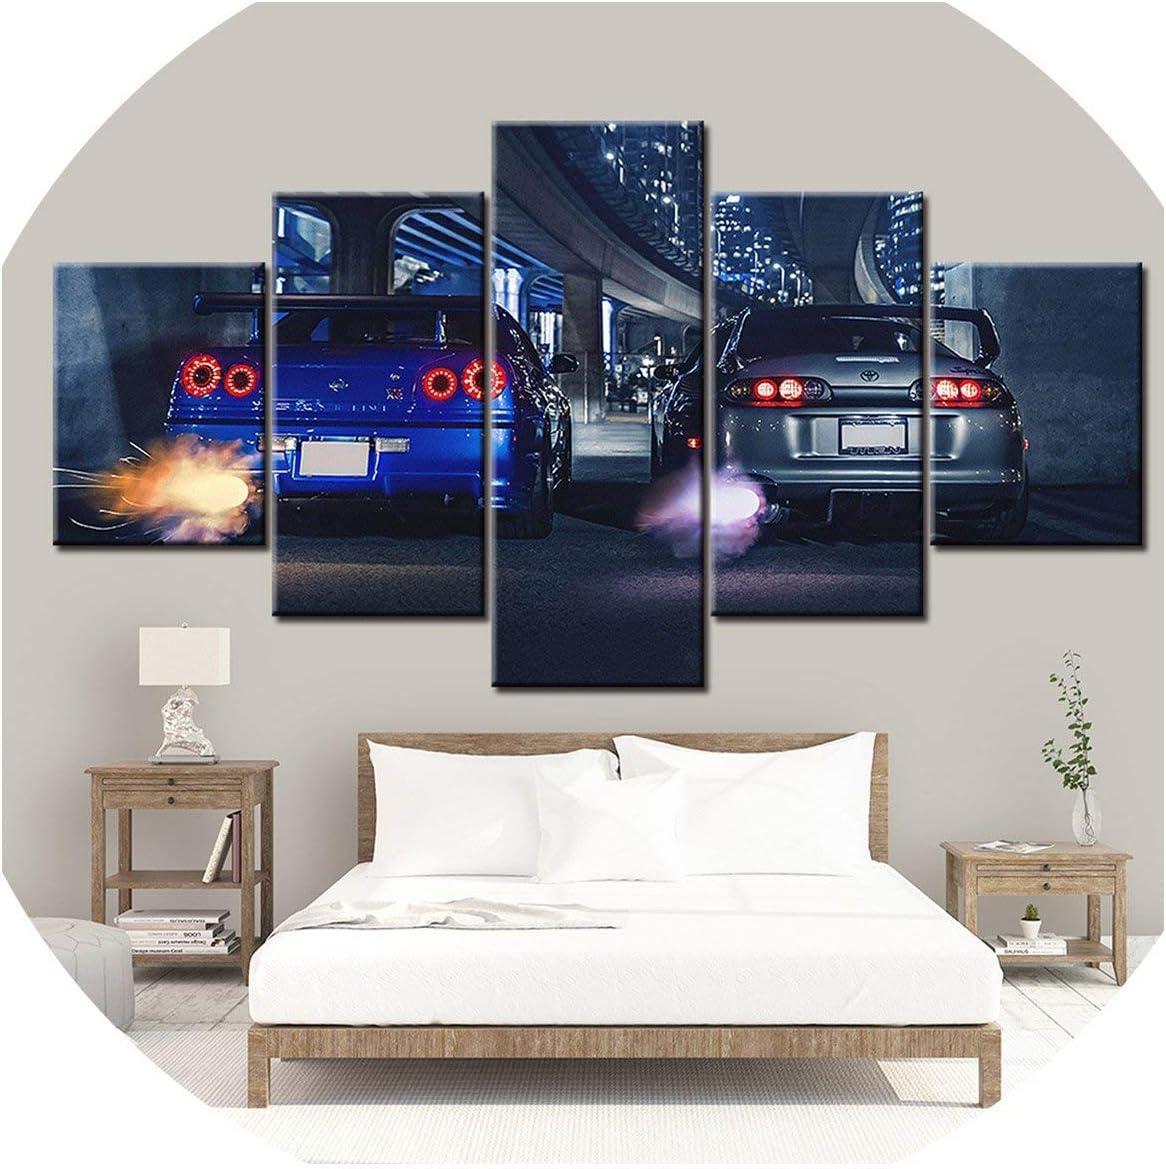 N/A - Cuadro de lienzo impreso en alta definición (5 piezas, marco GTR R34 VS Supra, decoración del hogar, póster para sala de estar NL00,30 x 40 30 x 60 30 x 80 cm), color negro